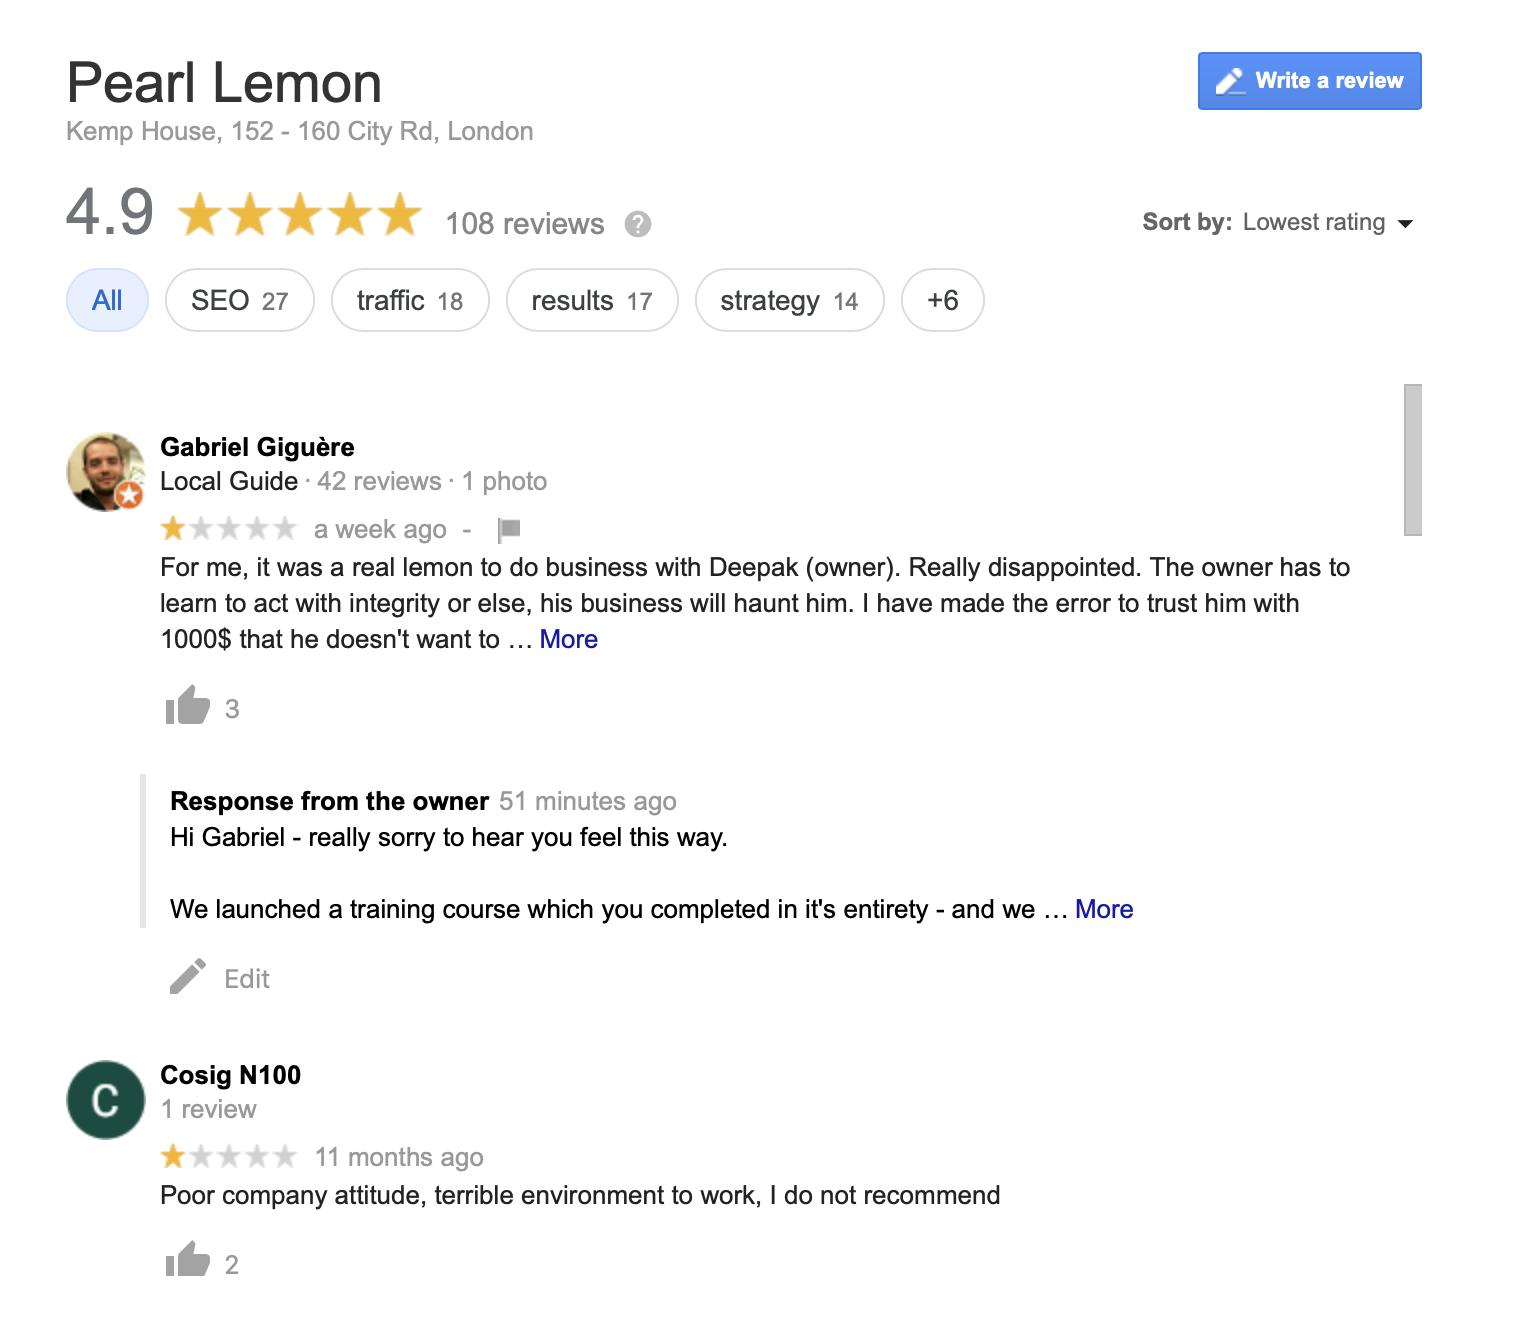 pearl lemon review